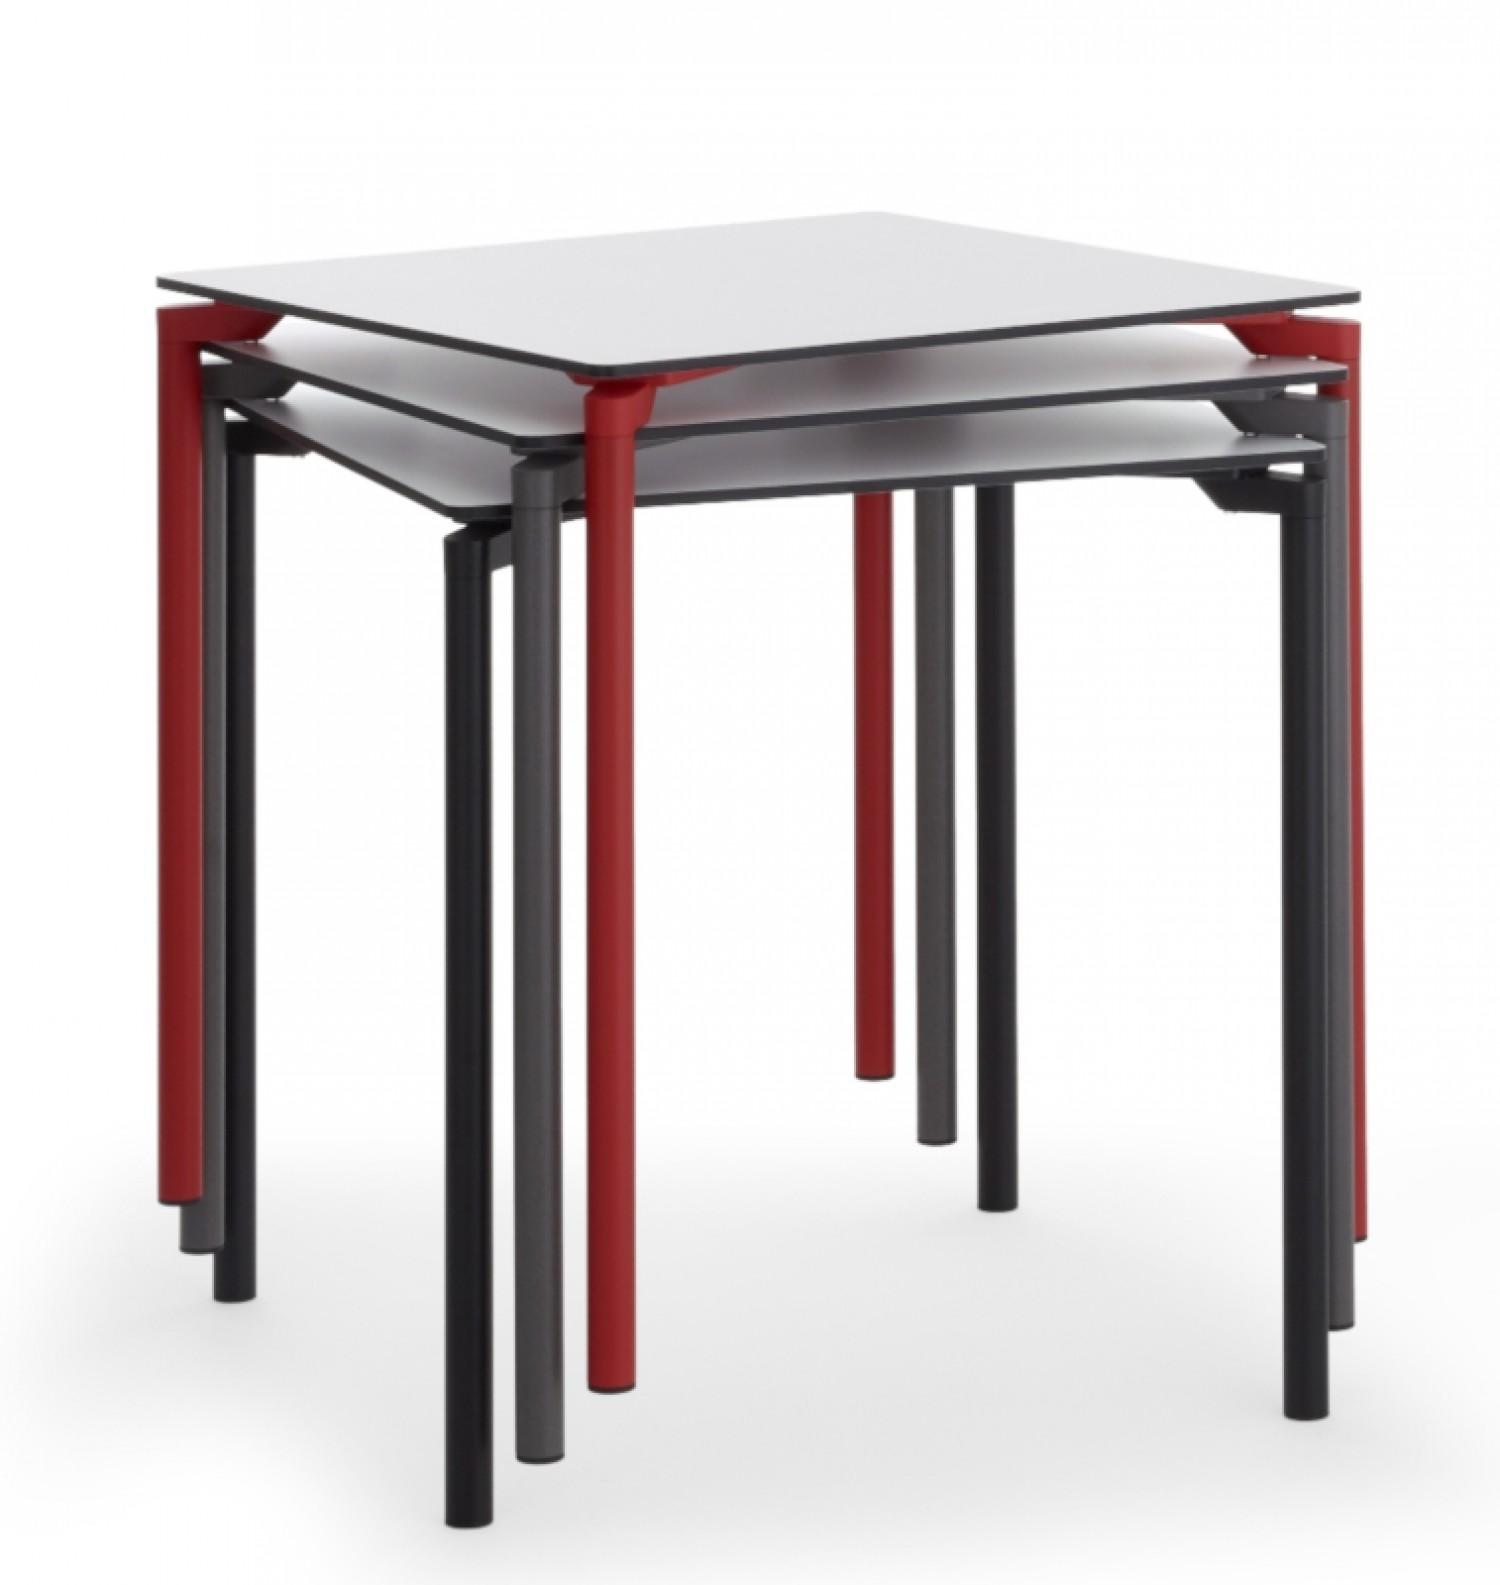 Table LEG.04